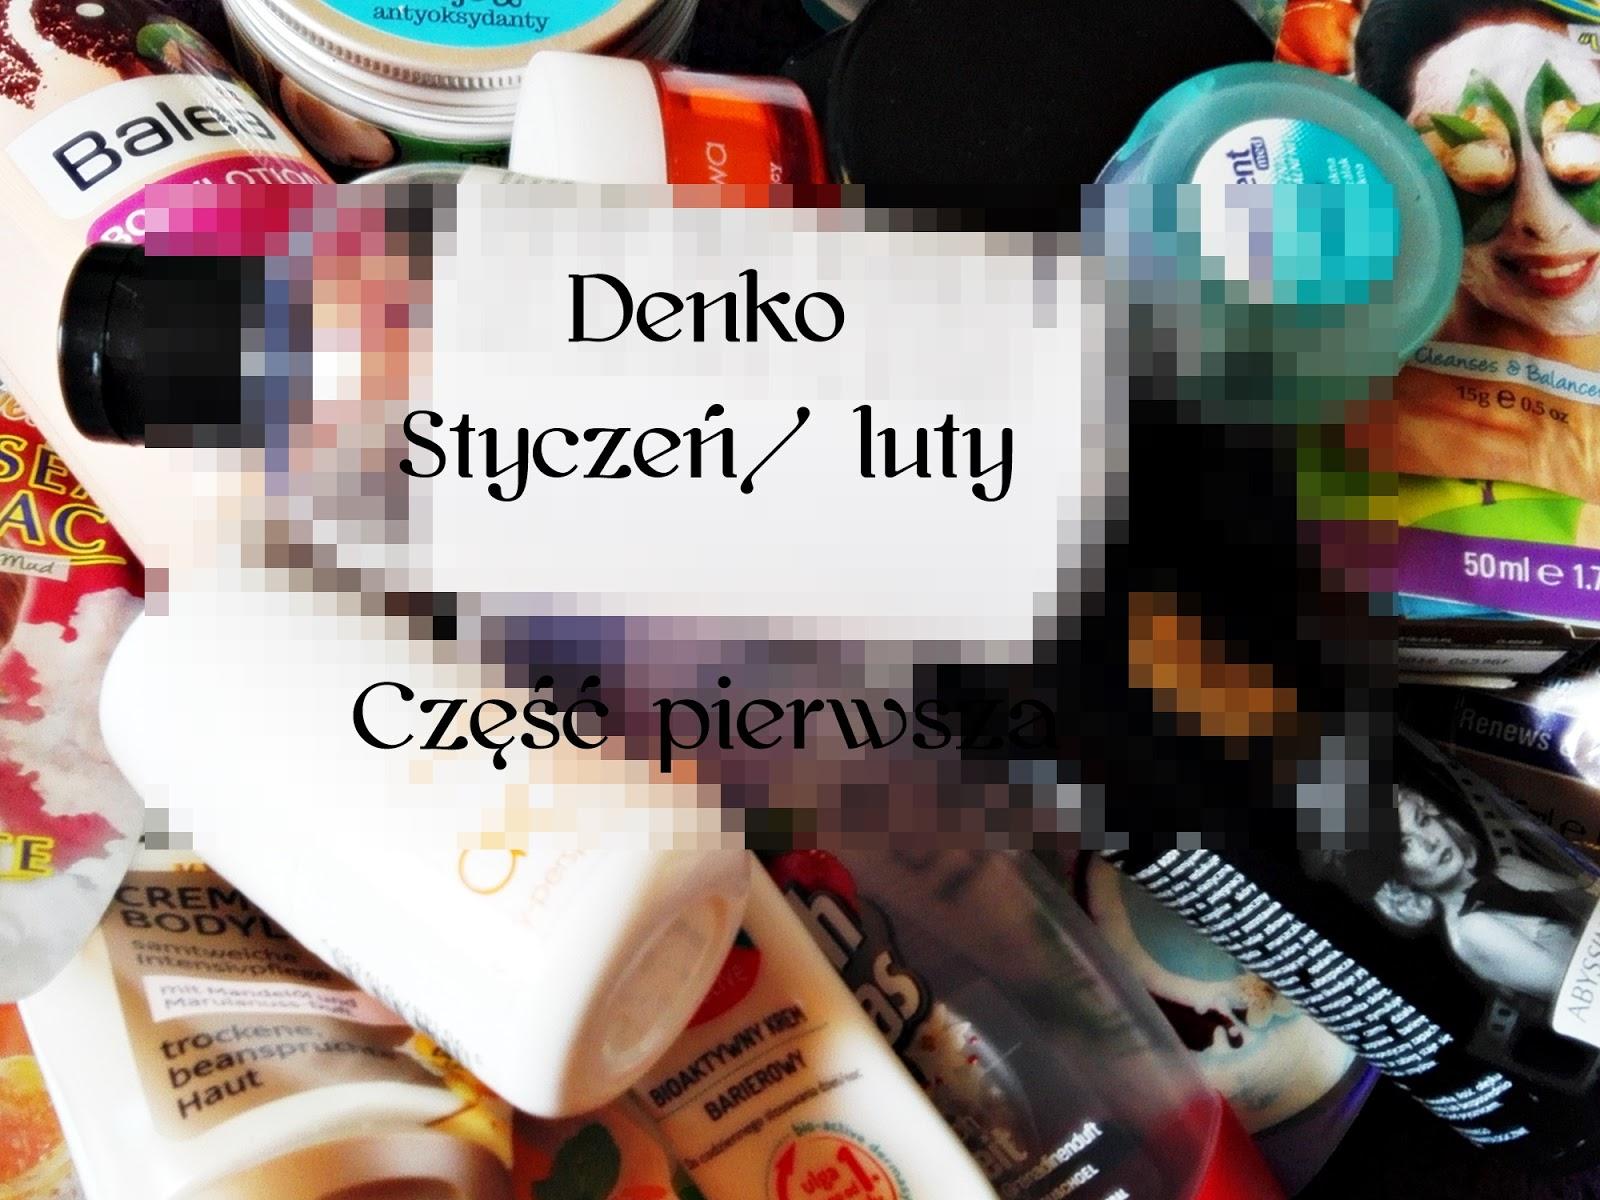 Denko - Styczeń/ luty Część pierwsza